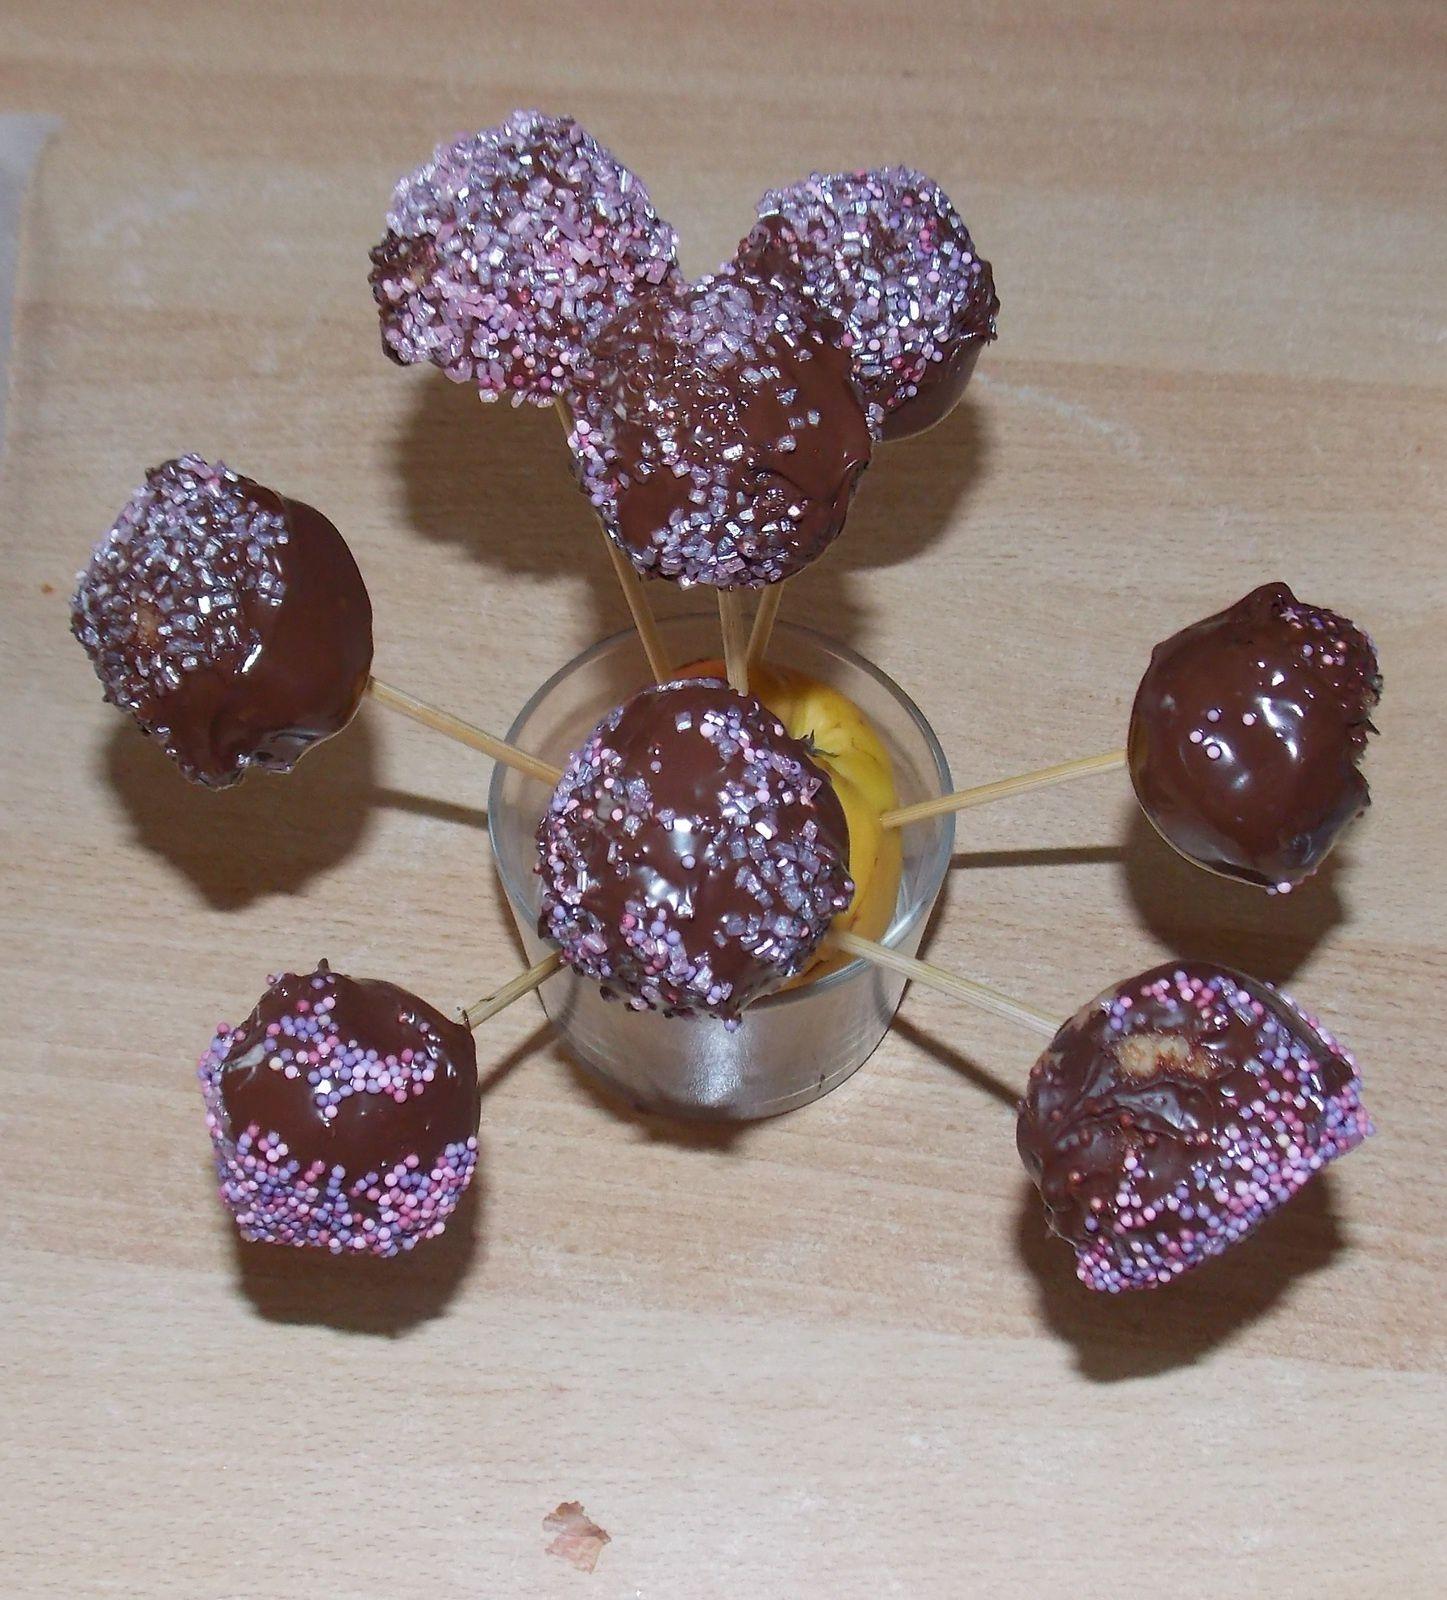 Faire fondre votre tablette de chocolat au bain-marie, sortir vos boules de gâteau de congélateur, ensuite tremper votre pique dans le chocolat chaud et l'enfoncer dans la boule, tourner ensuite cette boule dans le chocolat chaud et dans le vermicelle ou la noix de coco râpé